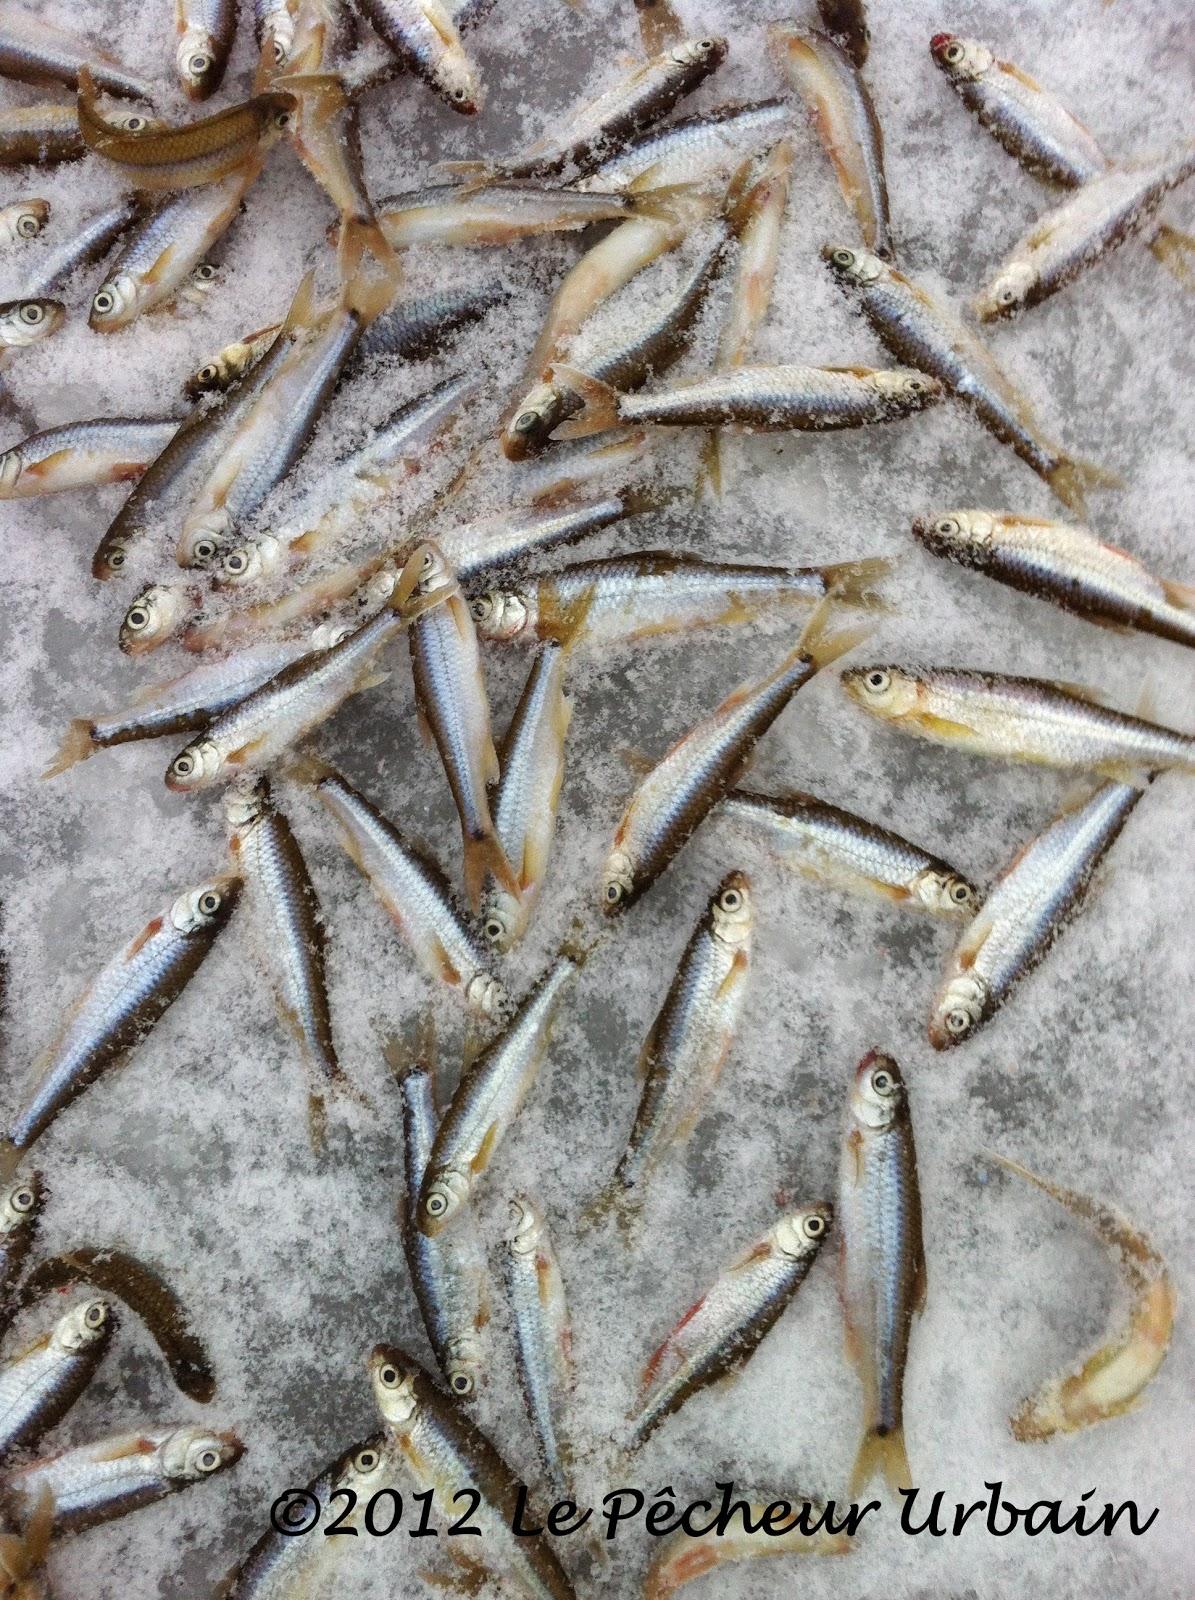 Tout pour la pêche est bon marché à moskve